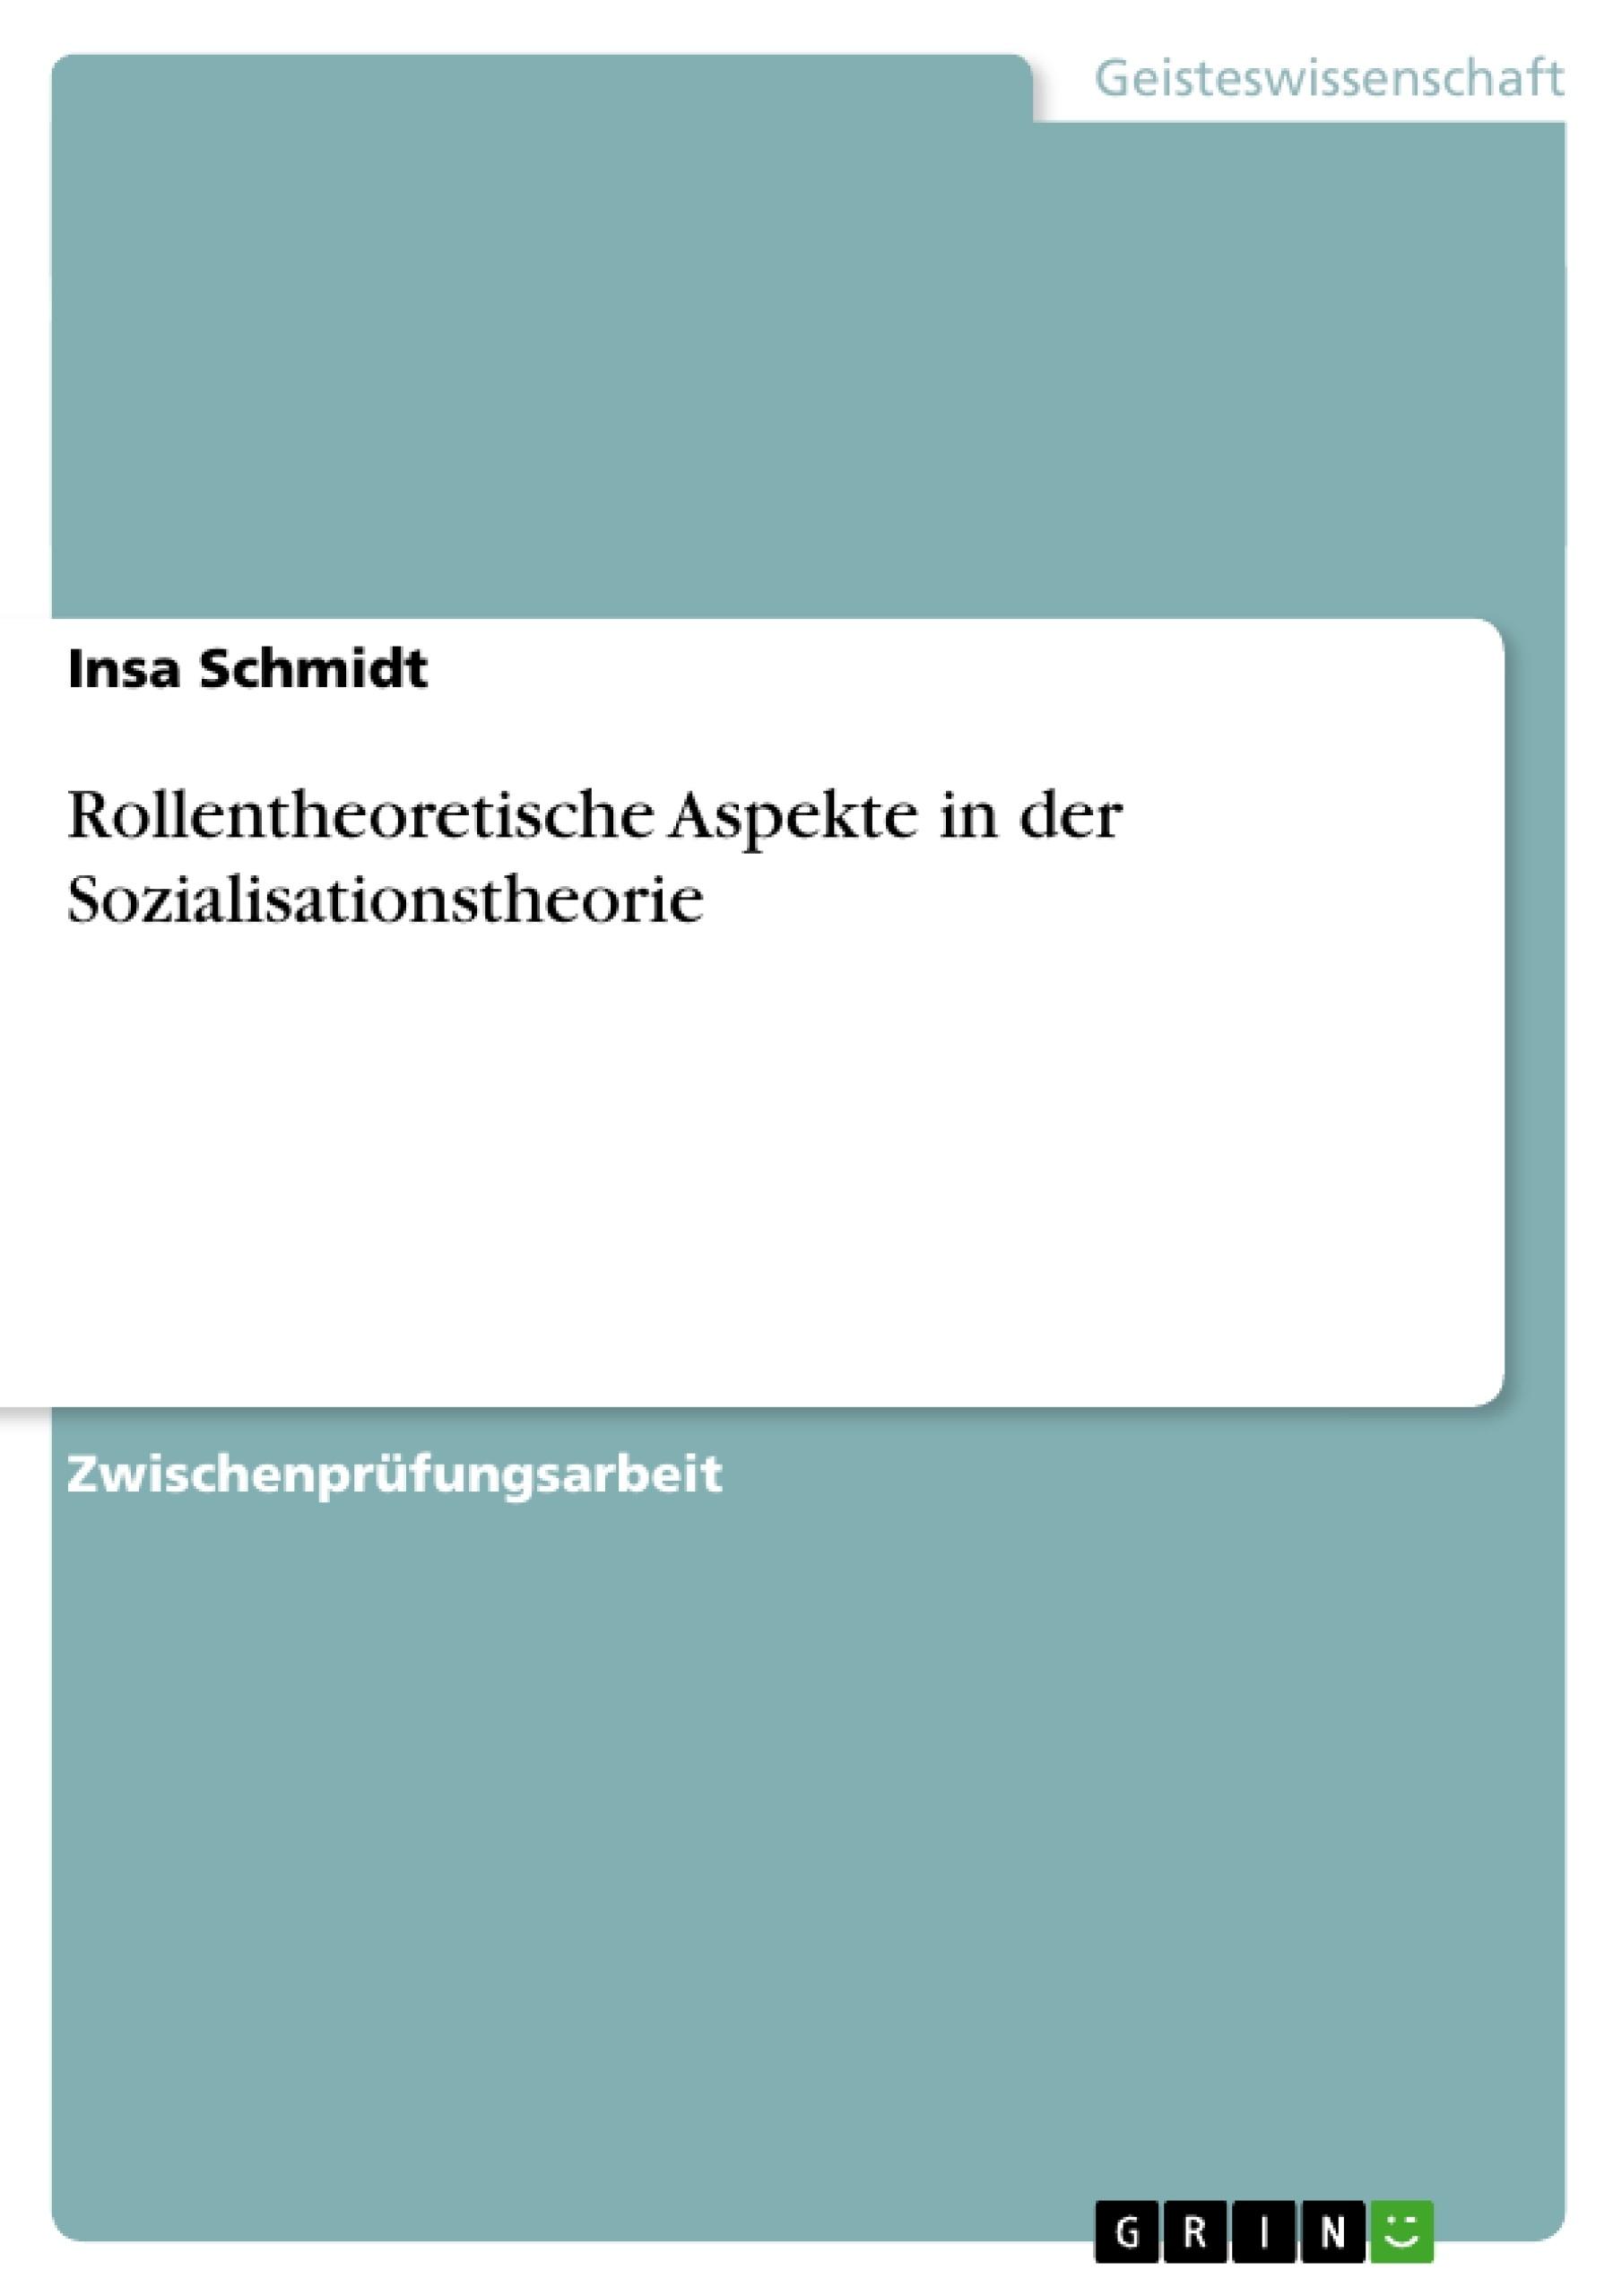 Titel: Rollentheoretische Aspekte in der Sozialisationstheorie